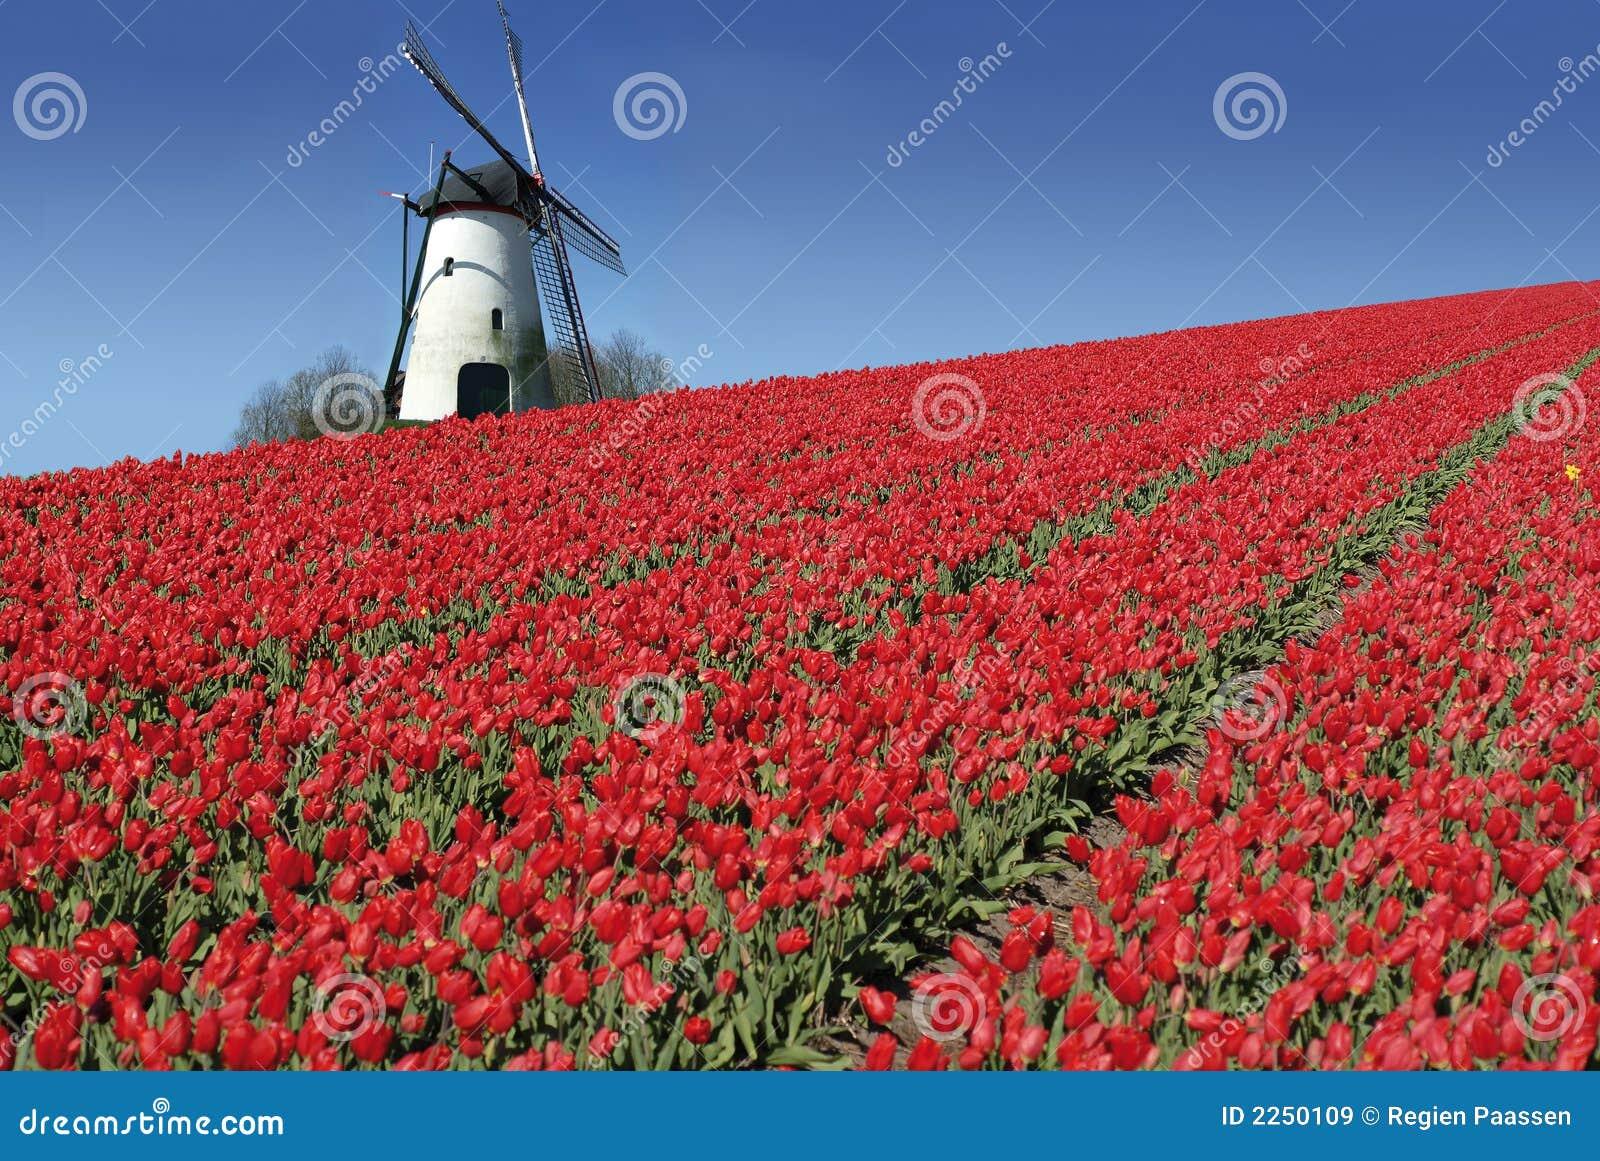 Nederlandse molen en rode tulpen